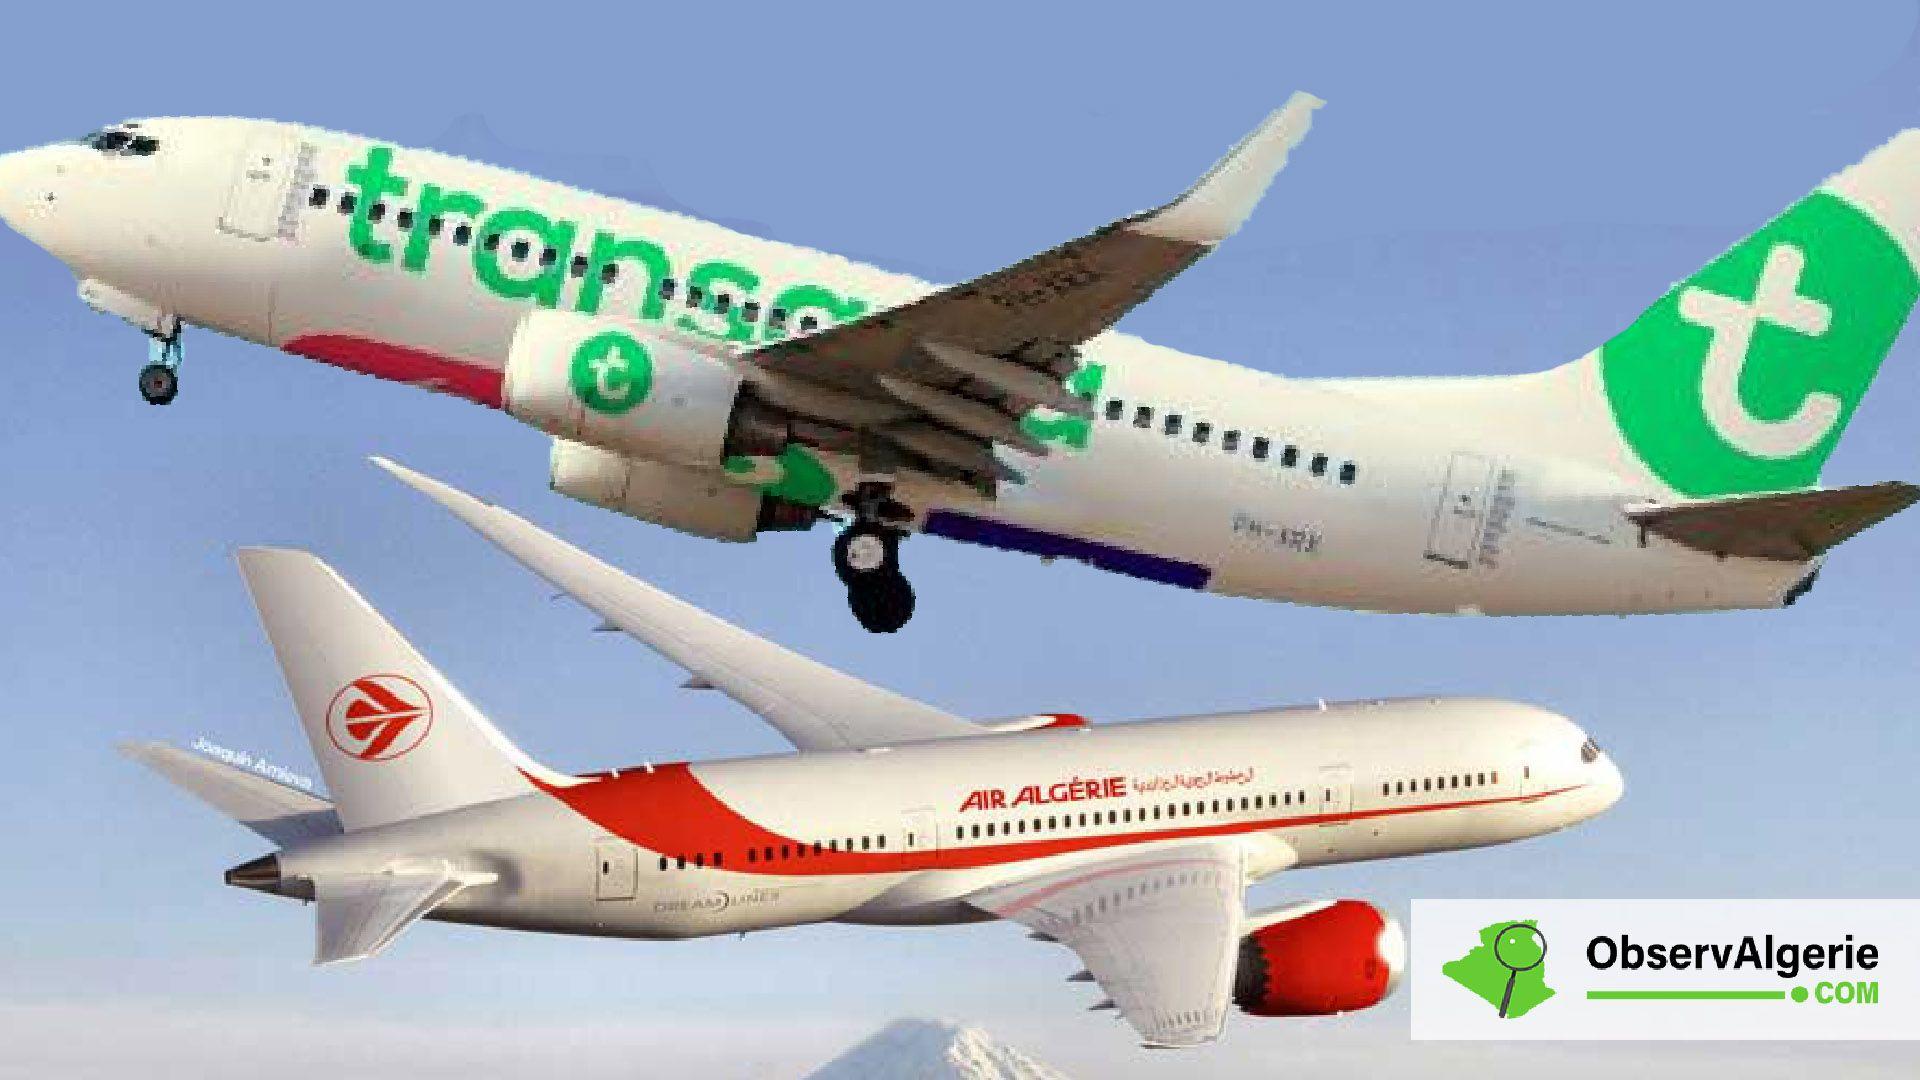 Vols Algérie France Des billets à partir de 60 euros